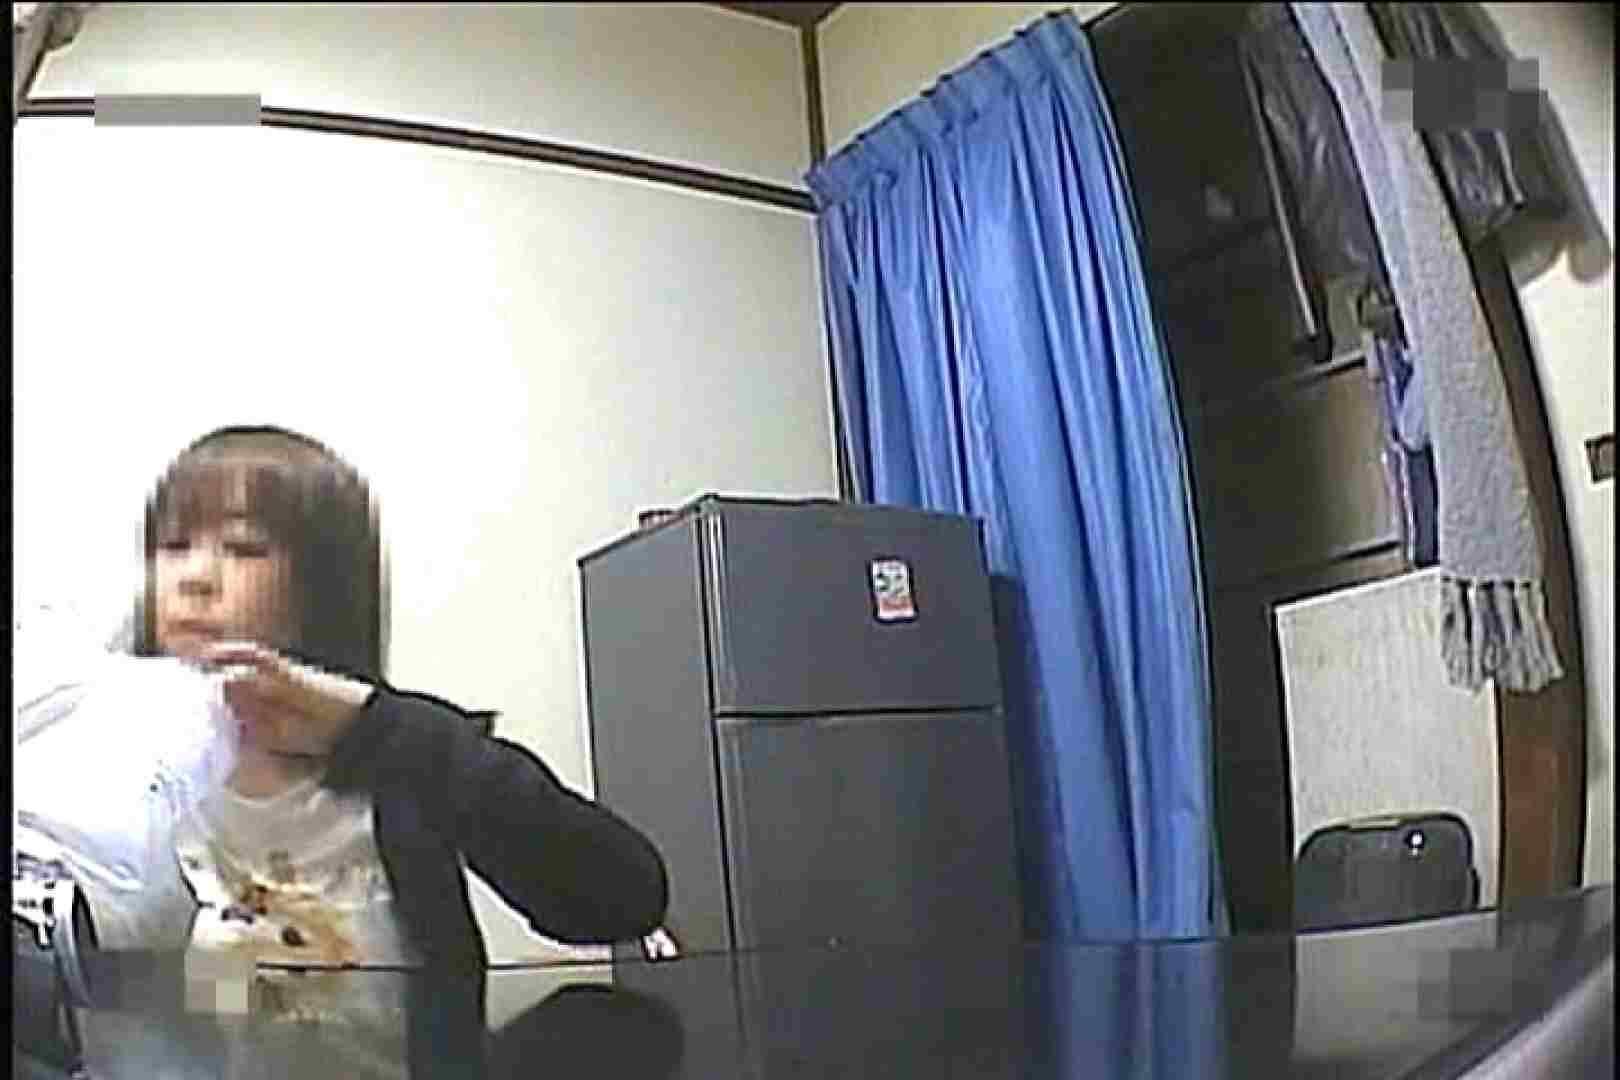 逝き過ぎ!!イケナイお姉さまVol.5 喘ぎ   ワルノリ  55画像 36